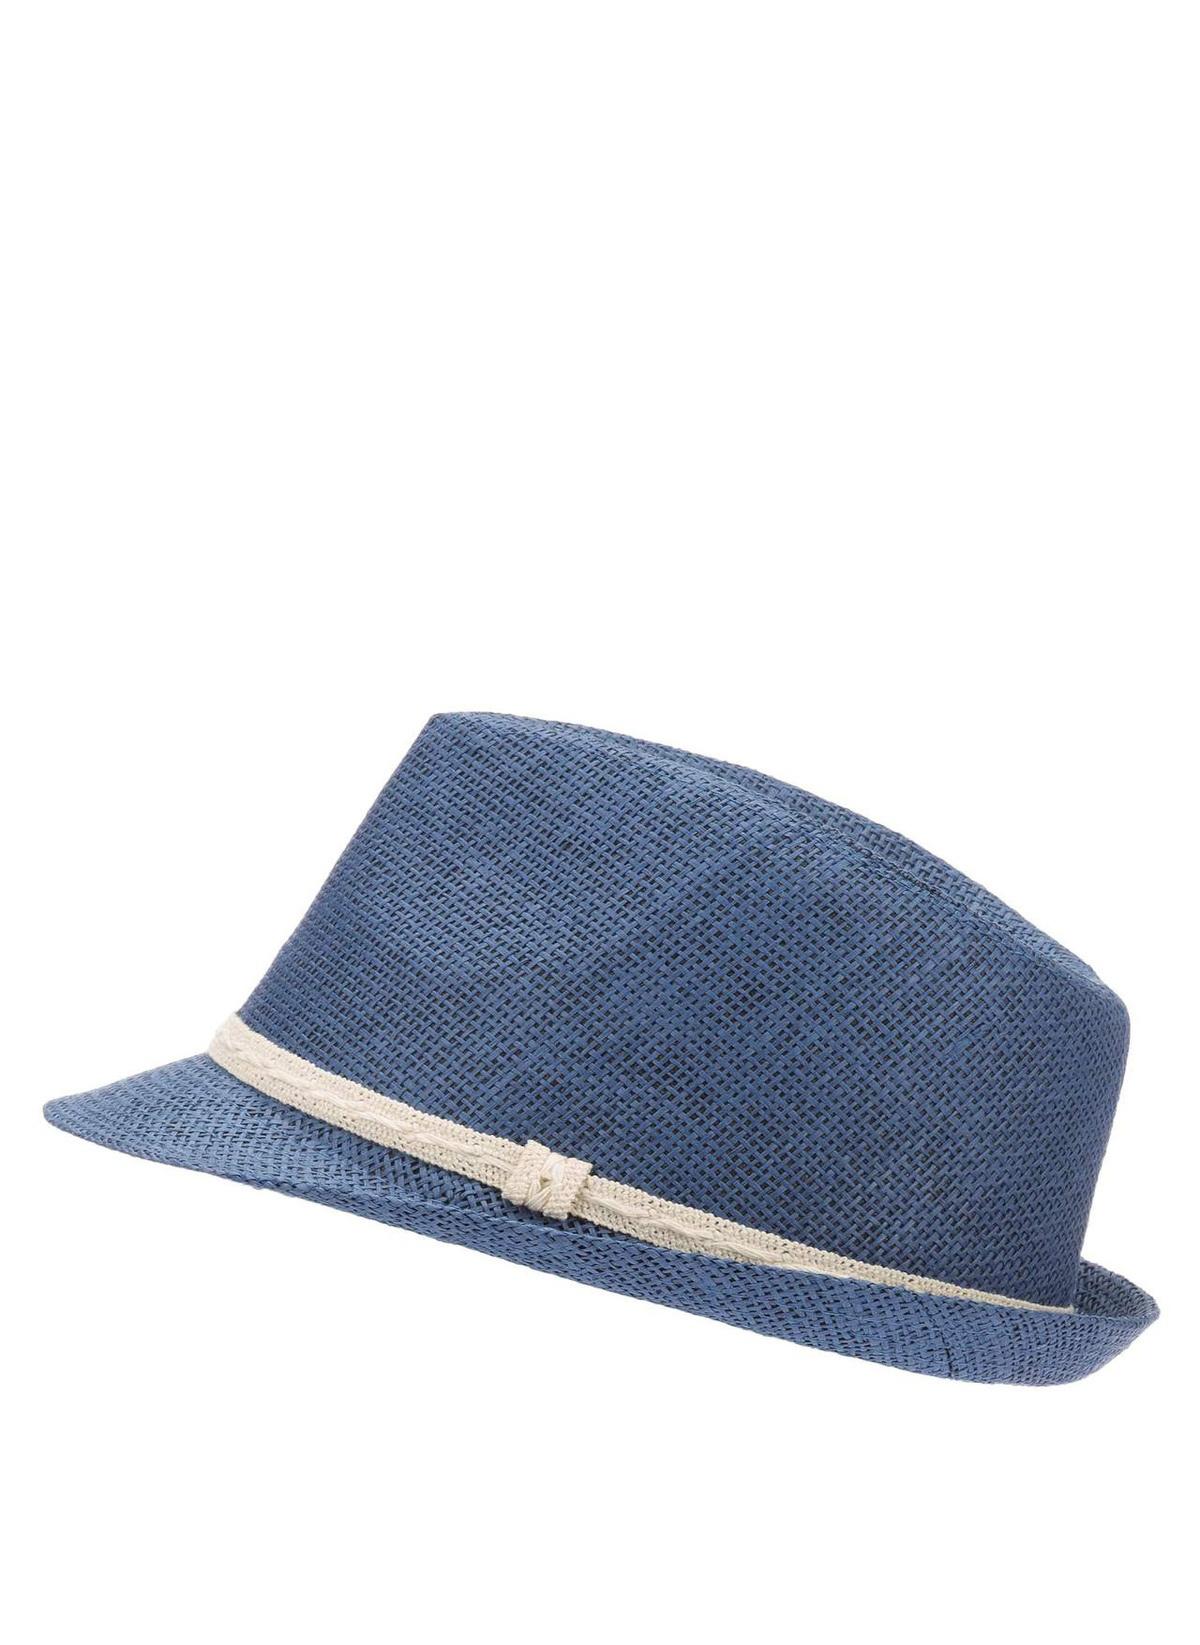 Defacto Şapka G8068az17smın145Şapka – 17.99 TL